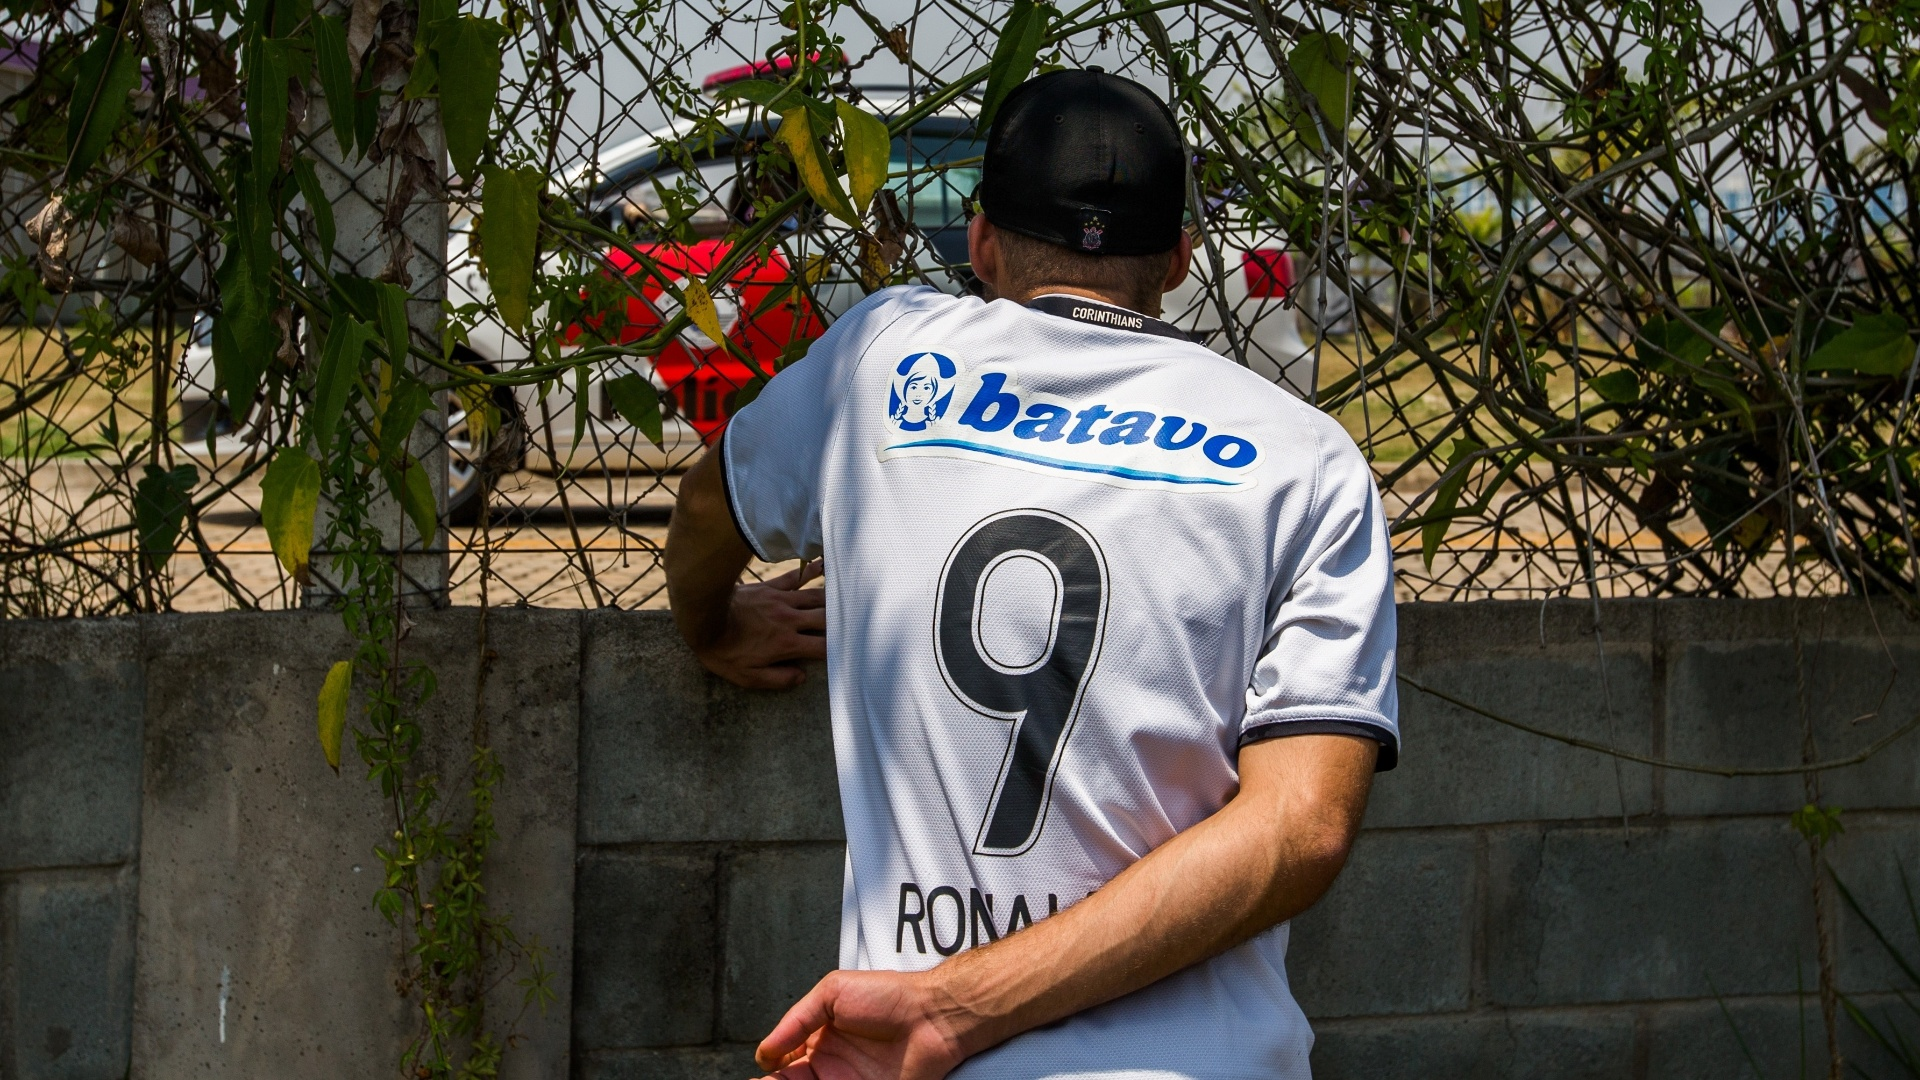 Torcedor com camisa do Ronaldo vai ao CT do Corinthians para protestar